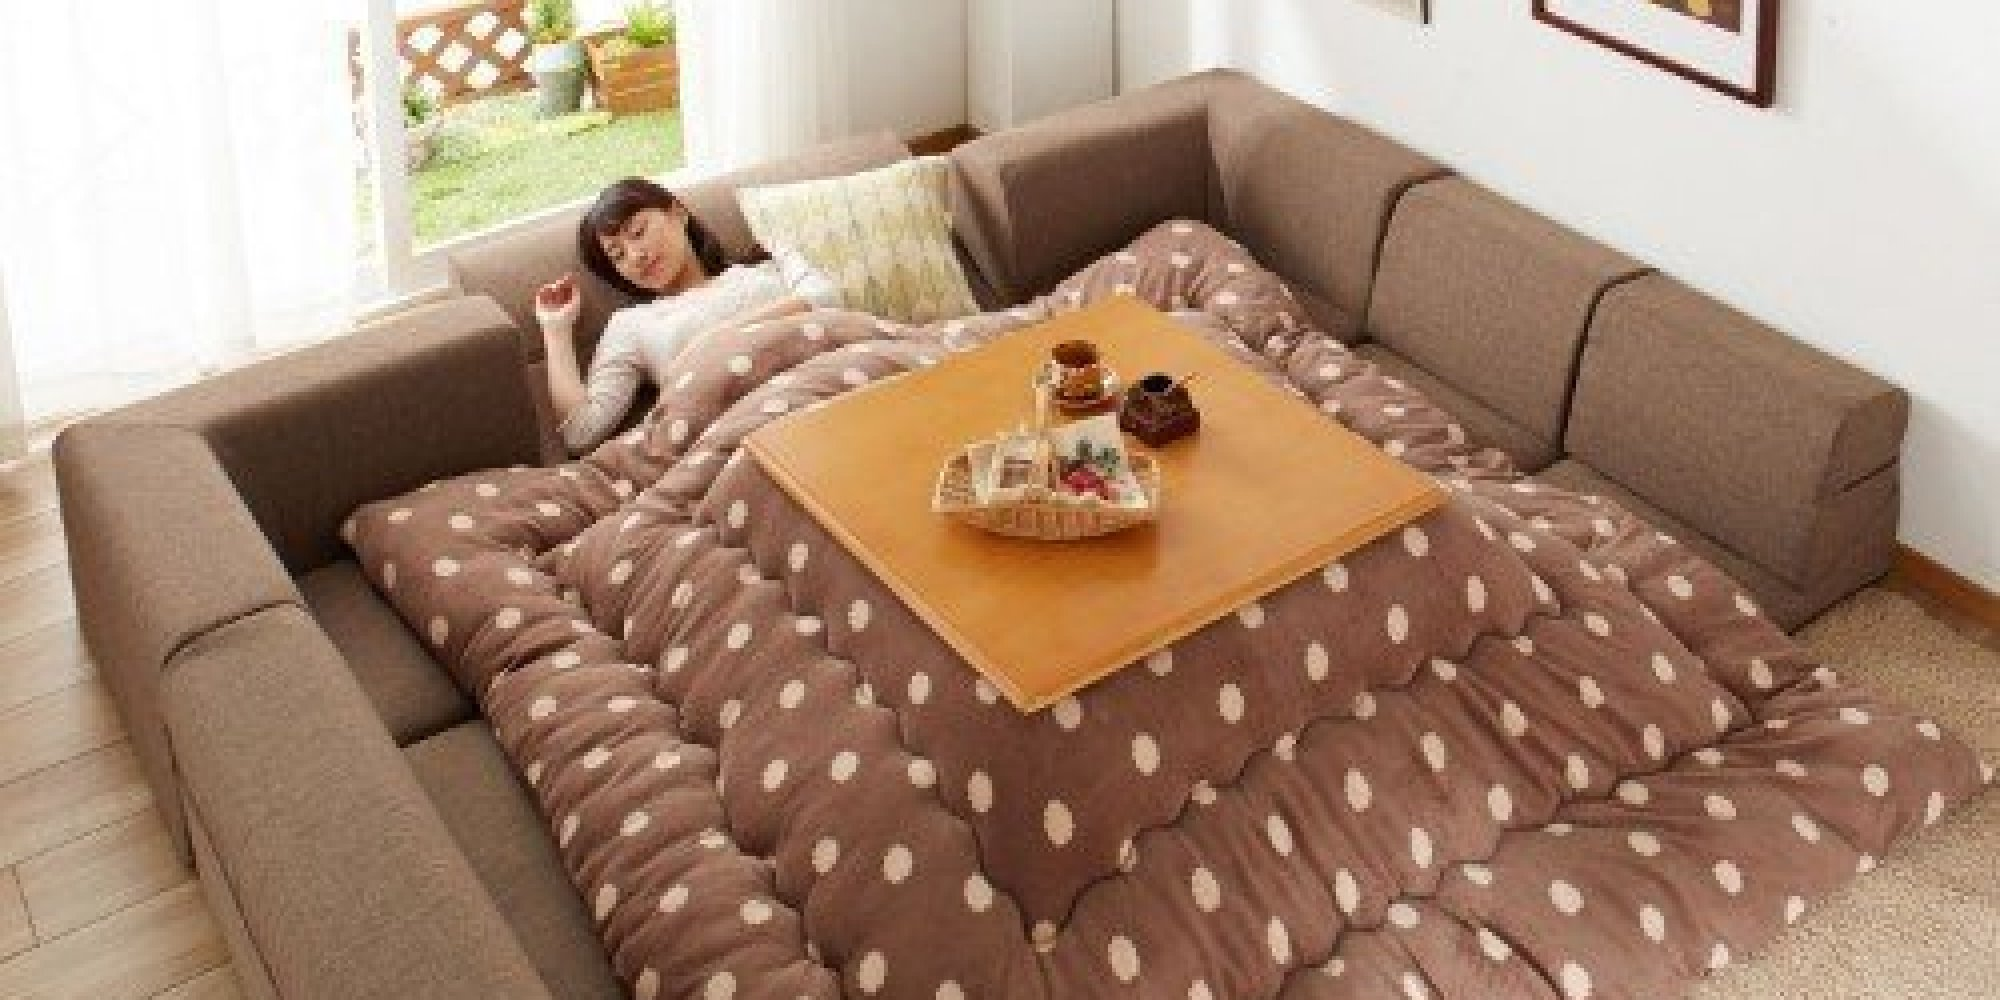 photos le kotatsu l 39 invention japonaise pour rester au chaud tout l 39 hiver. Black Bedroom Furniture Sets. Home Design Ideas